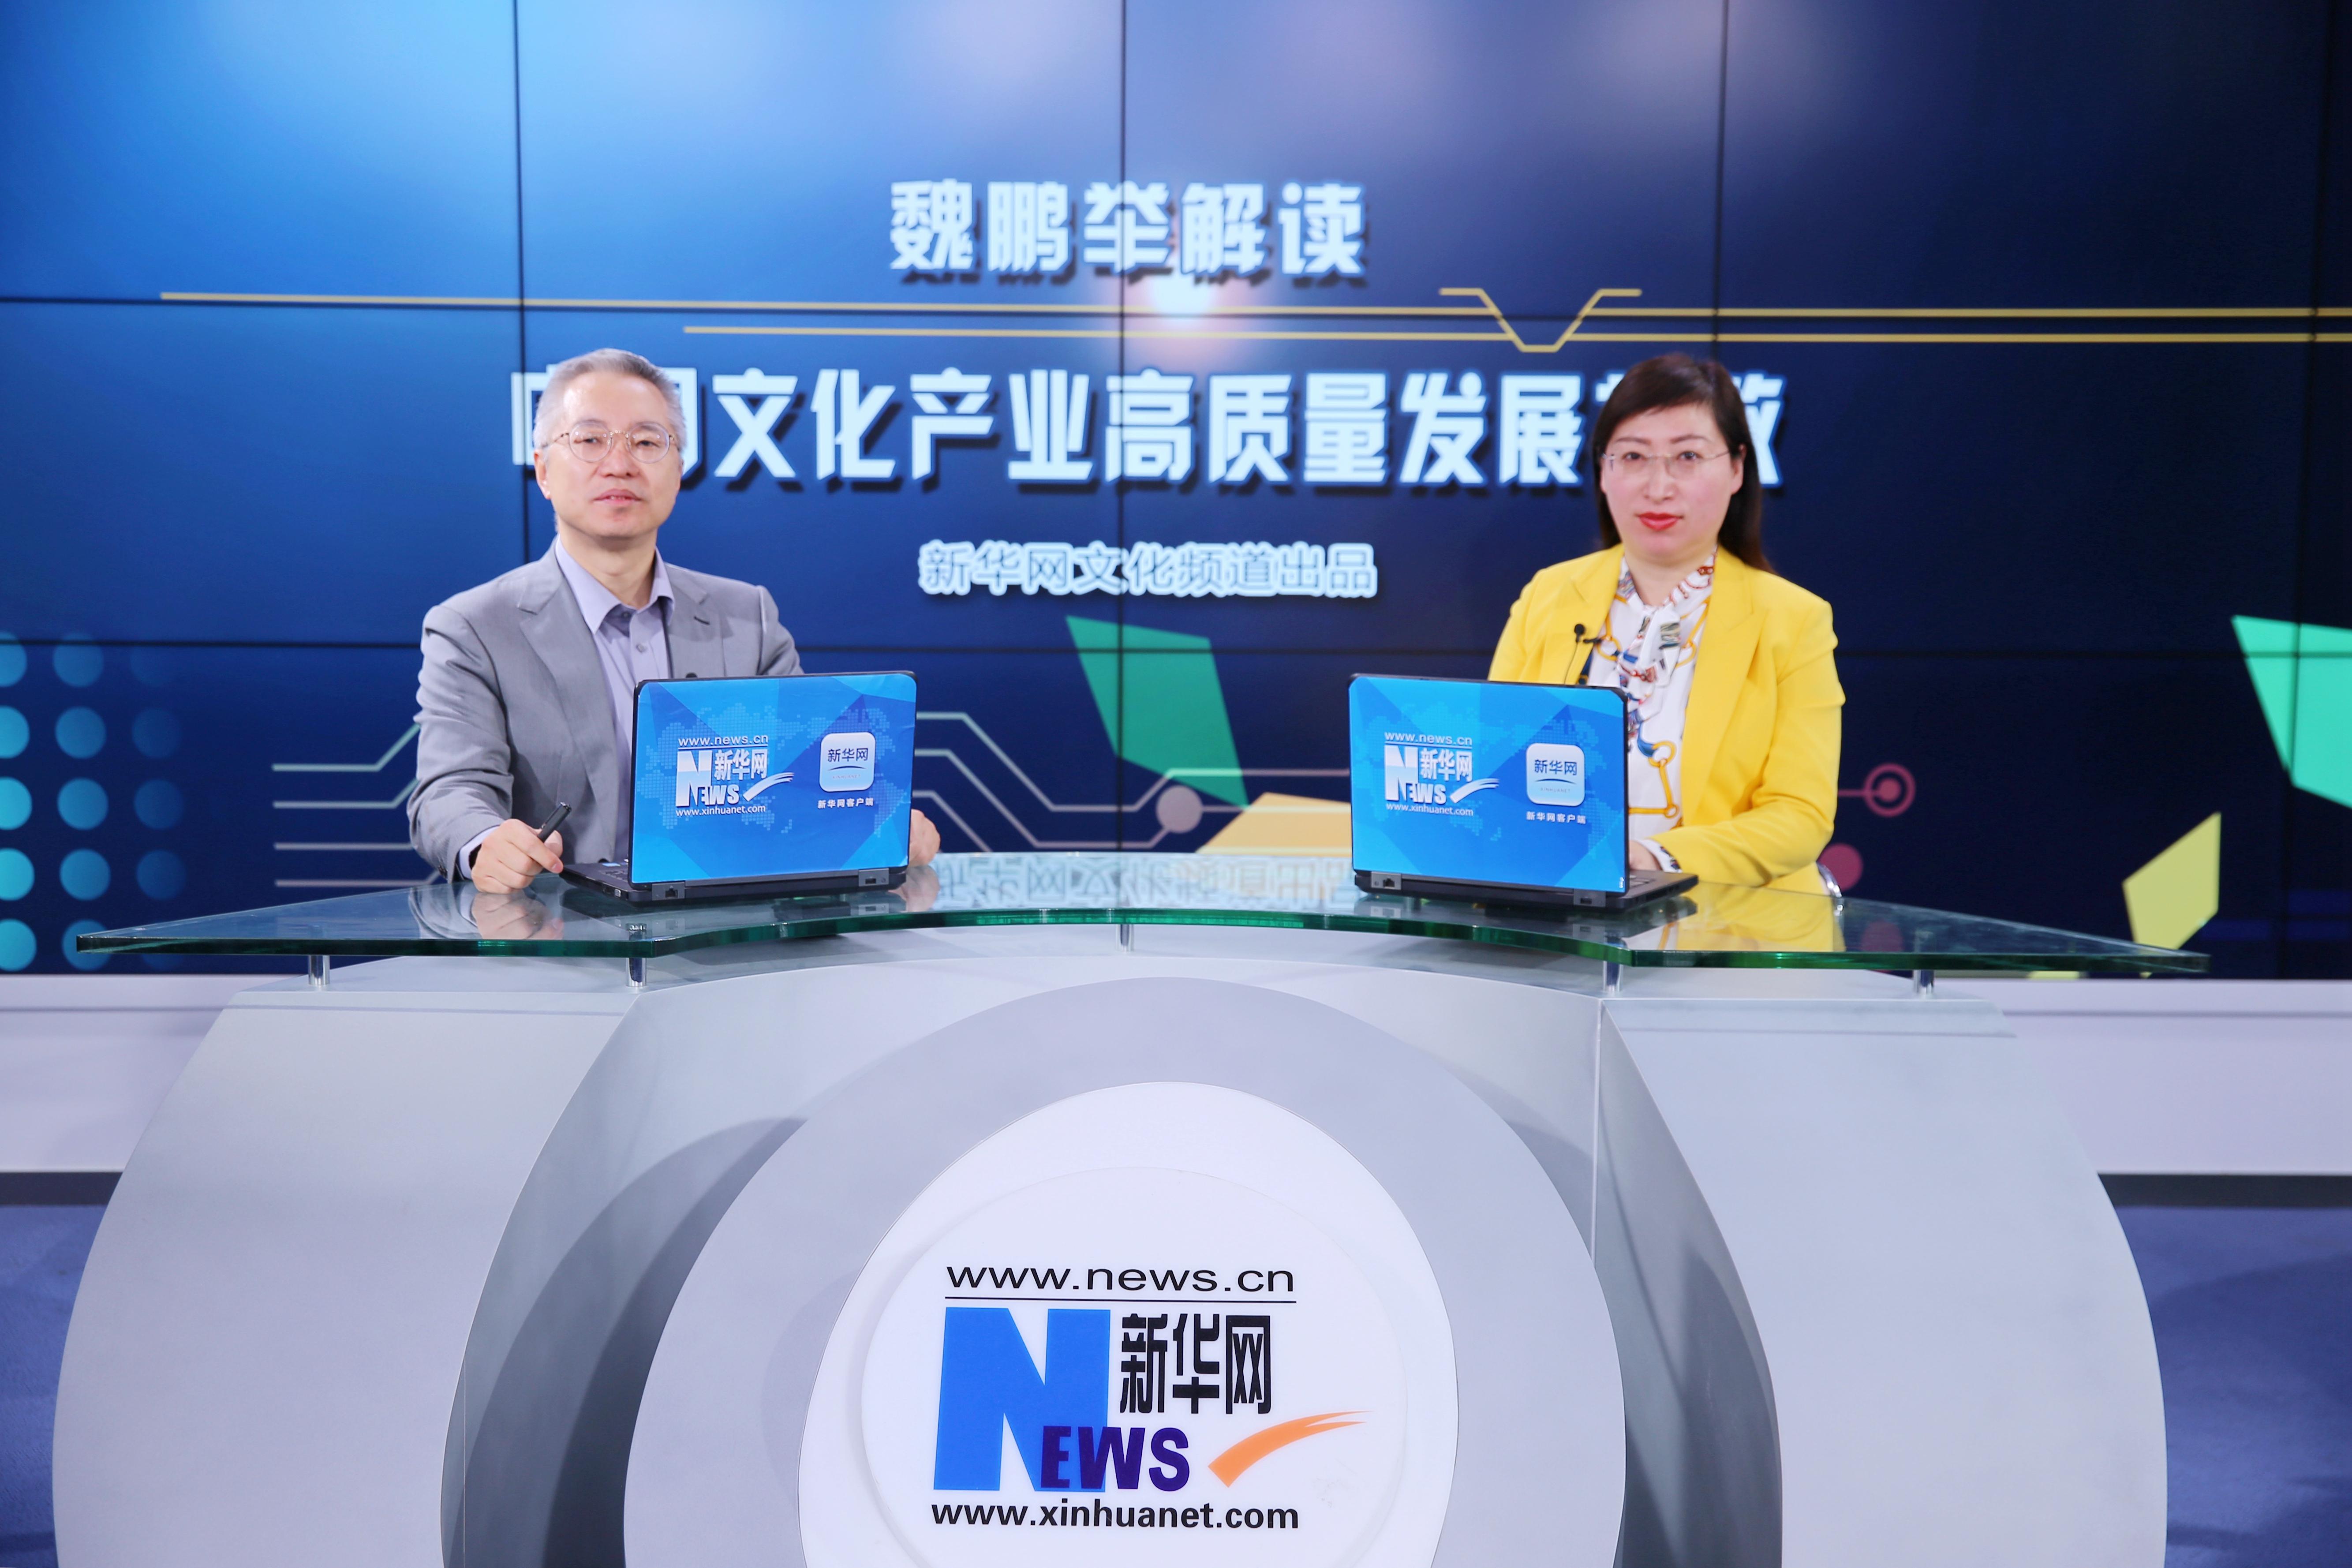 魏鵬舉介紹2019中國文化産業高質量發展指數